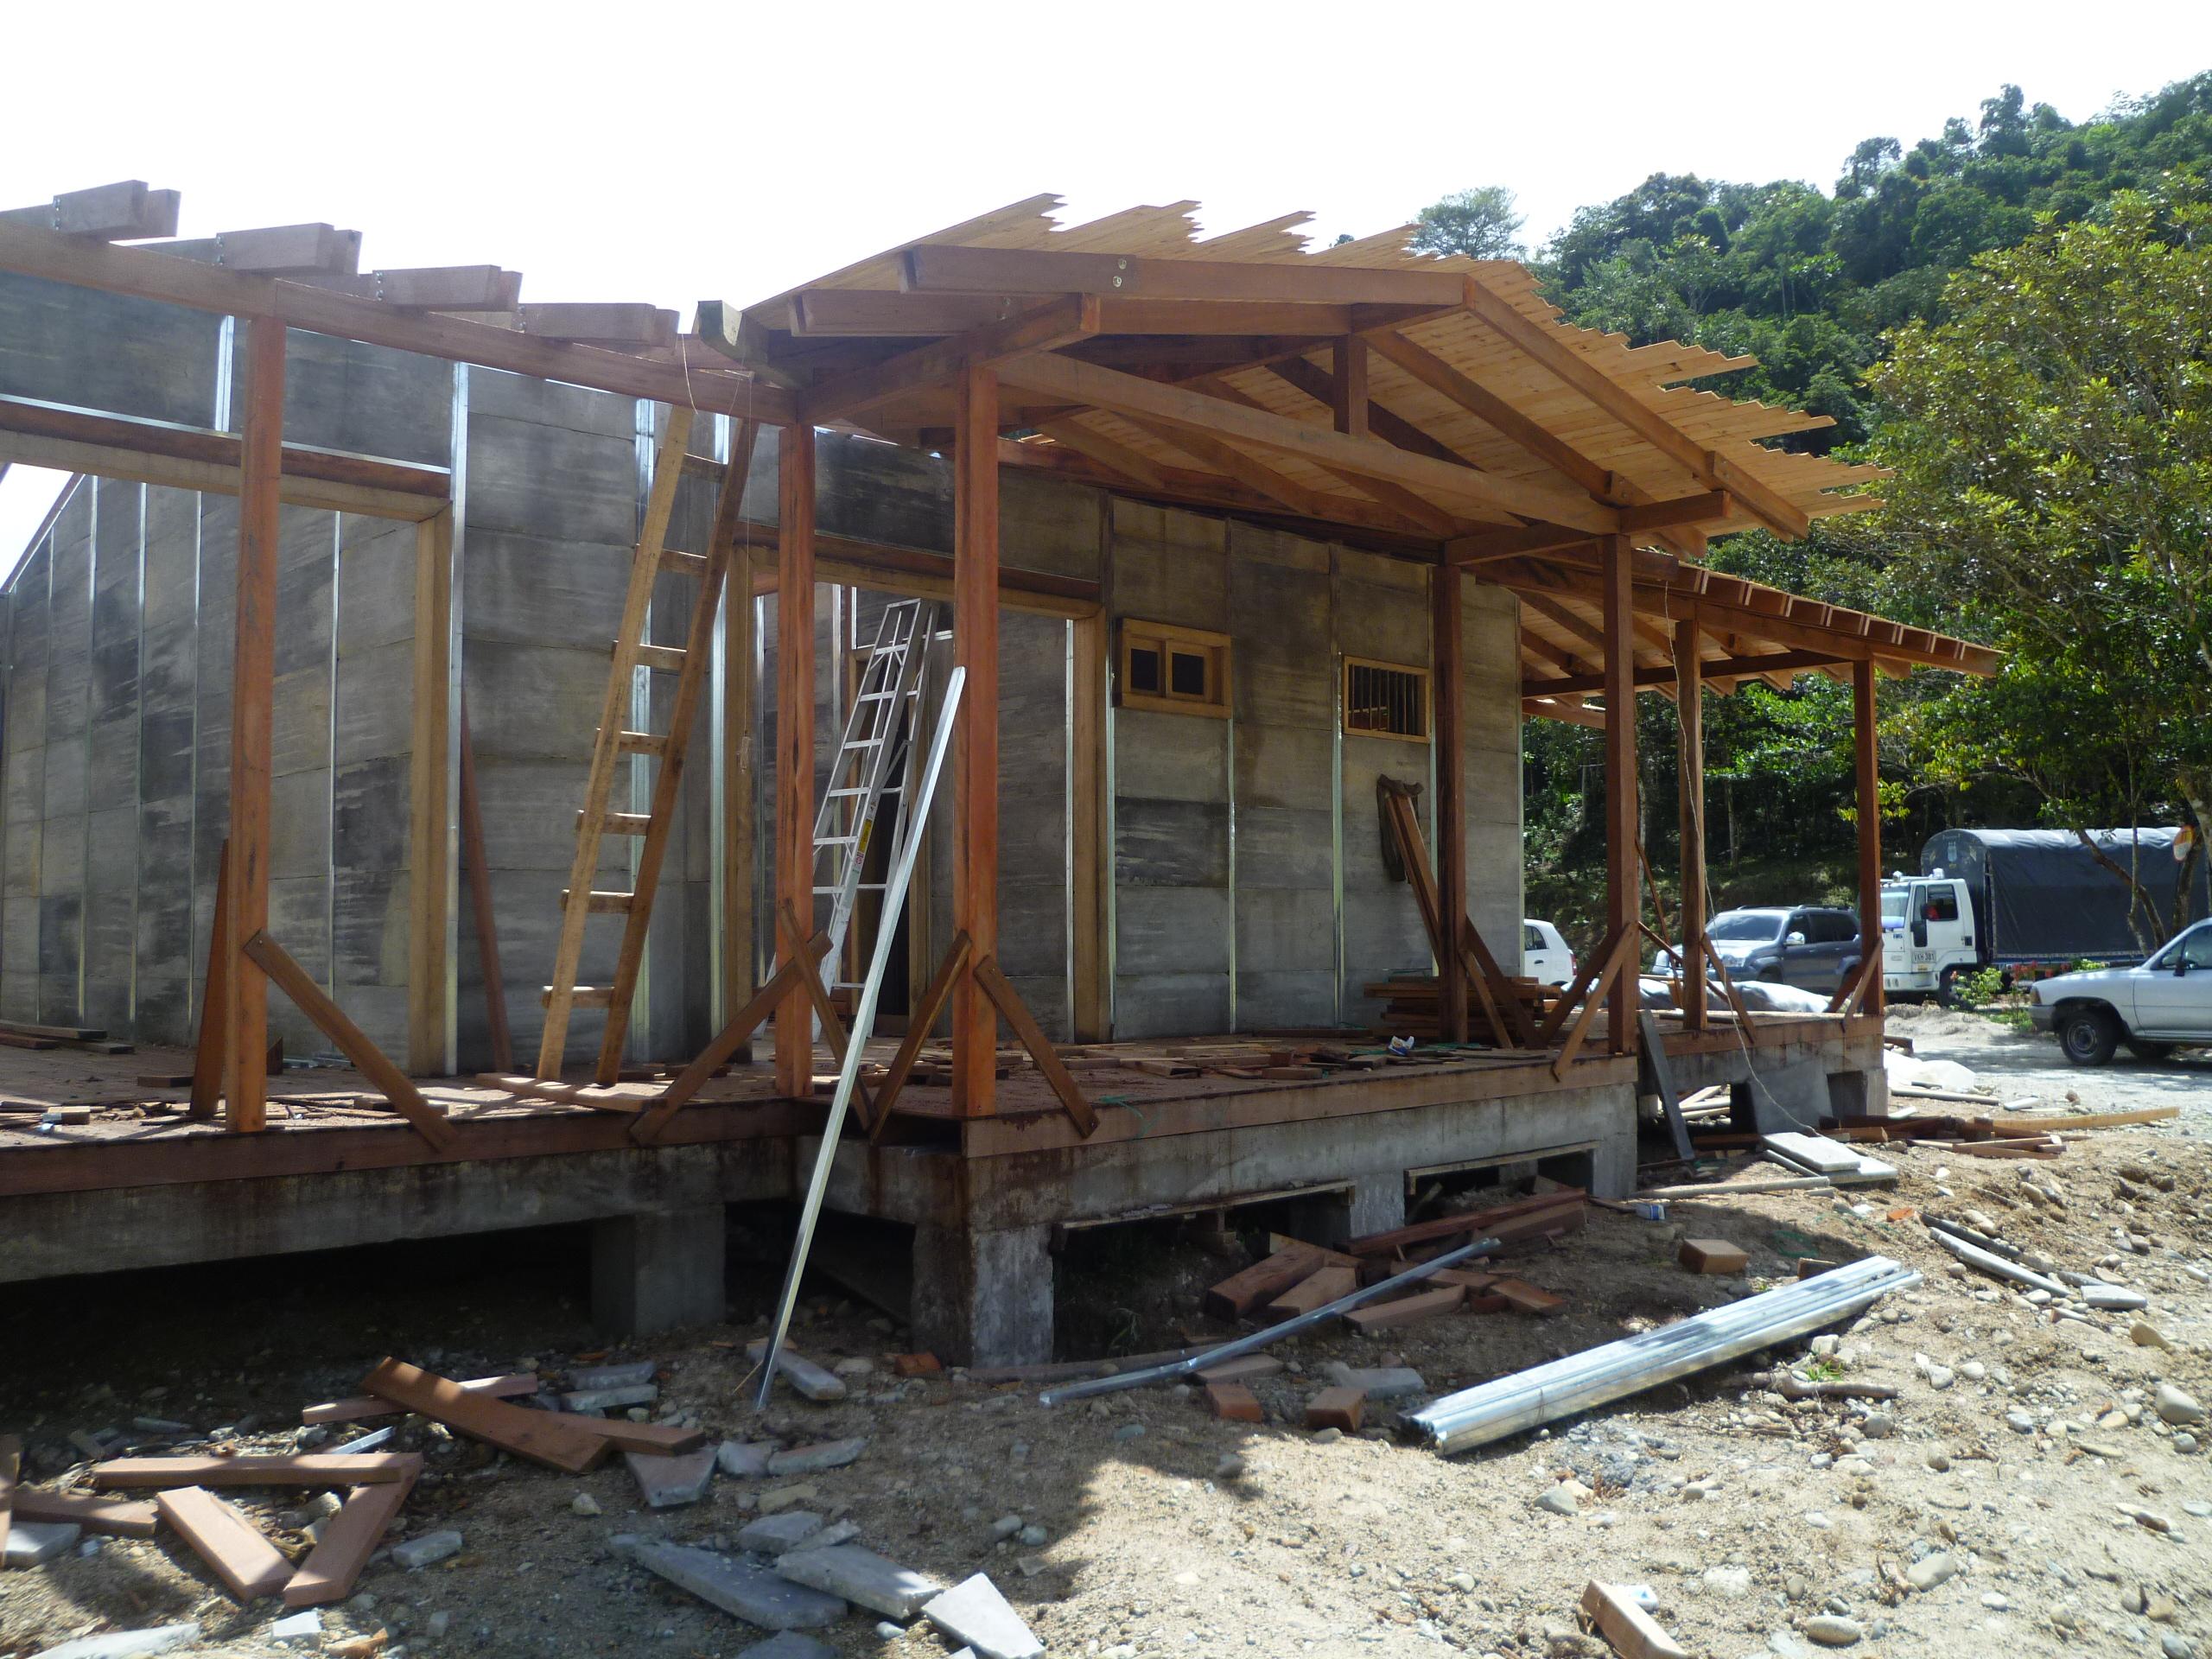 Construcci n de techo y kiosco casa prefabricada 1235 mts2 - Construccion de casas prefabricadas ...